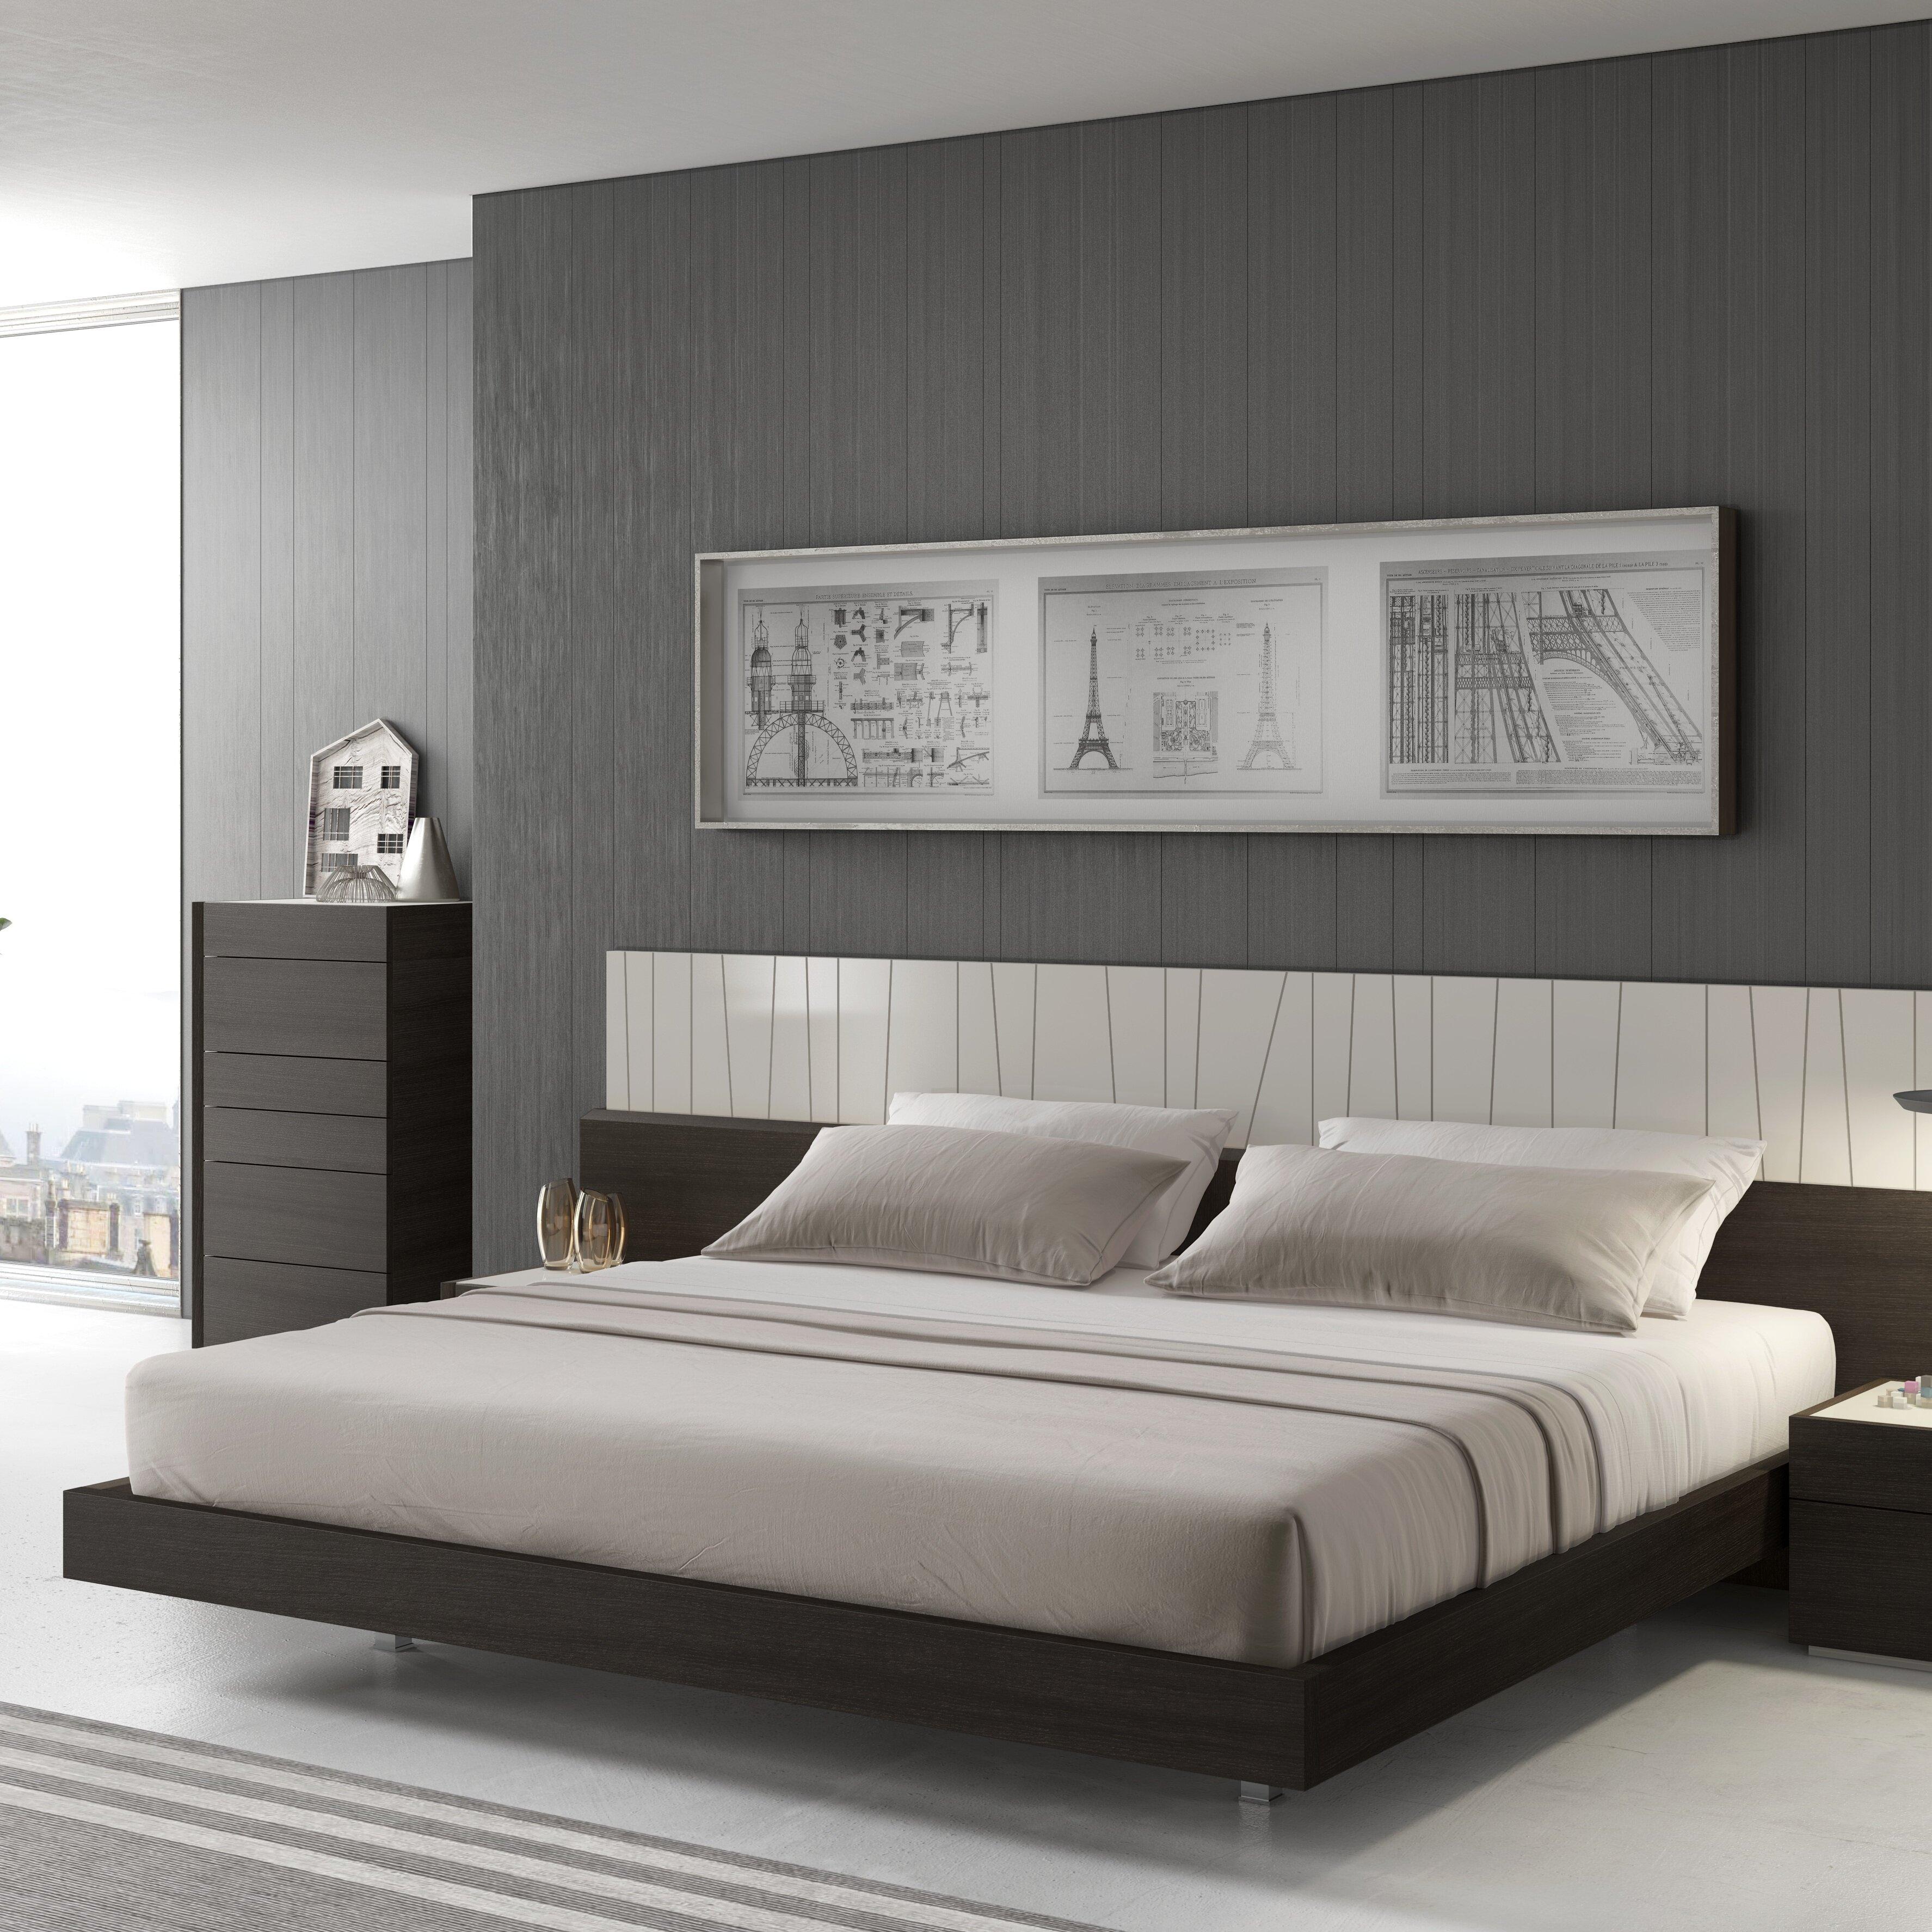 Japanese platform beds for sale - Cullerton Platform Bed